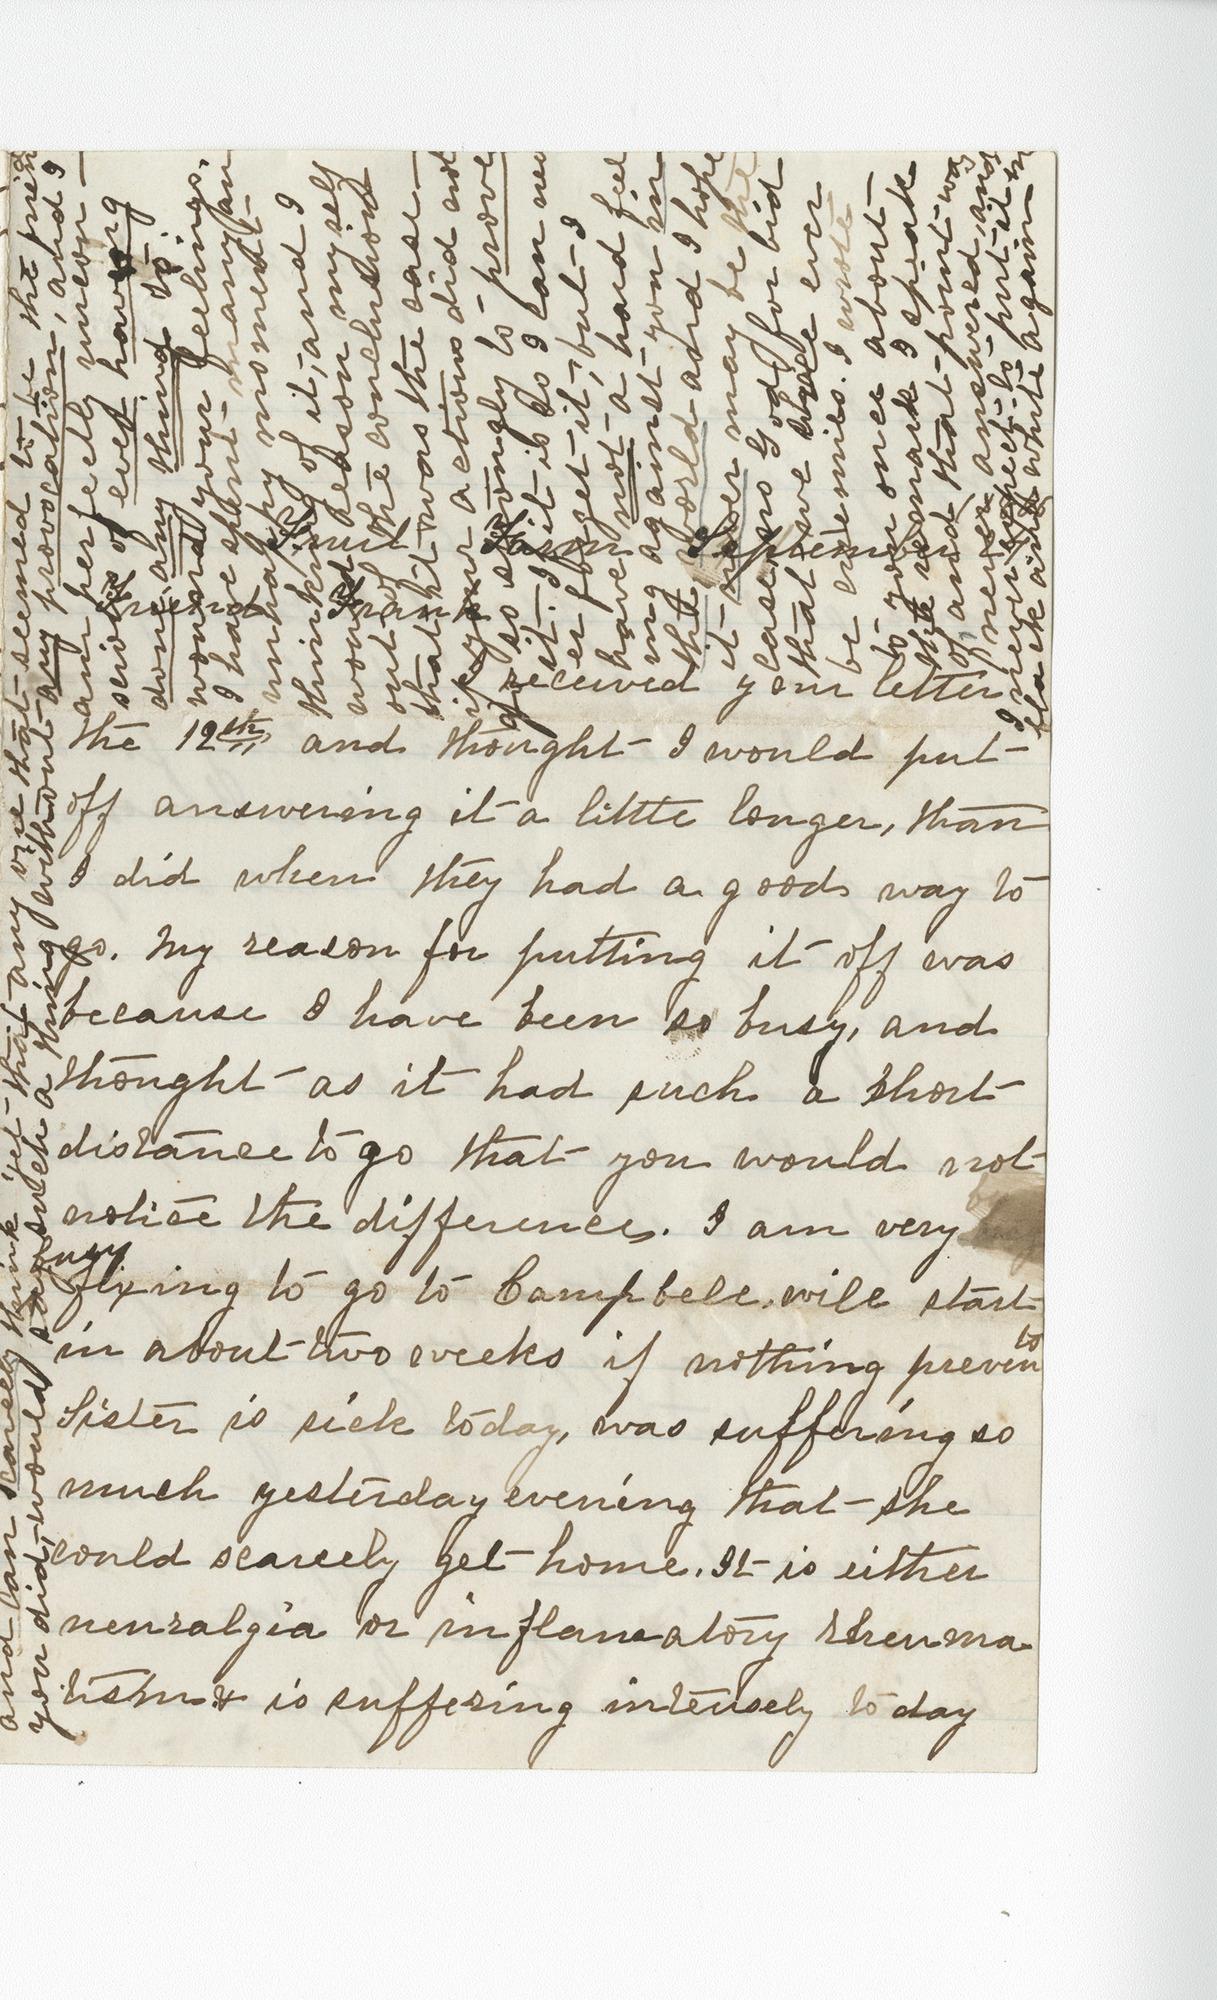 Ms2016-013_HeizerJames_Letter_1866_0924a.jpg